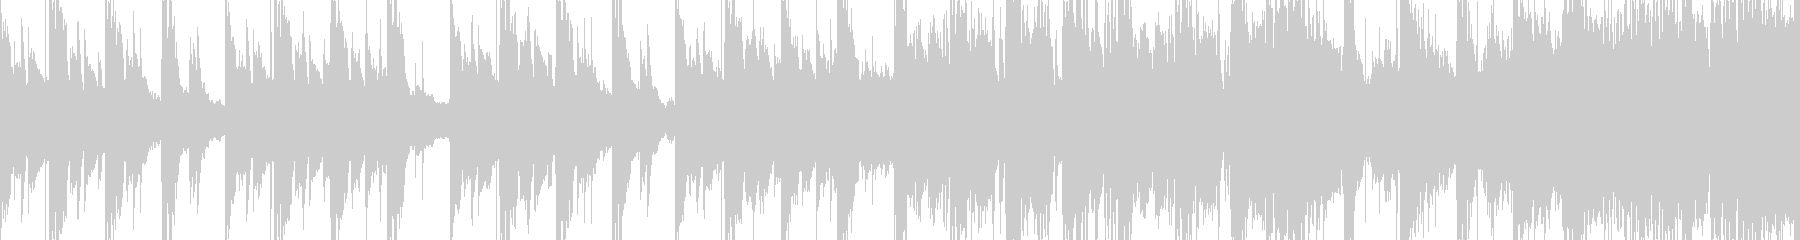 和風物悲し気なループBGMの未再生の波形